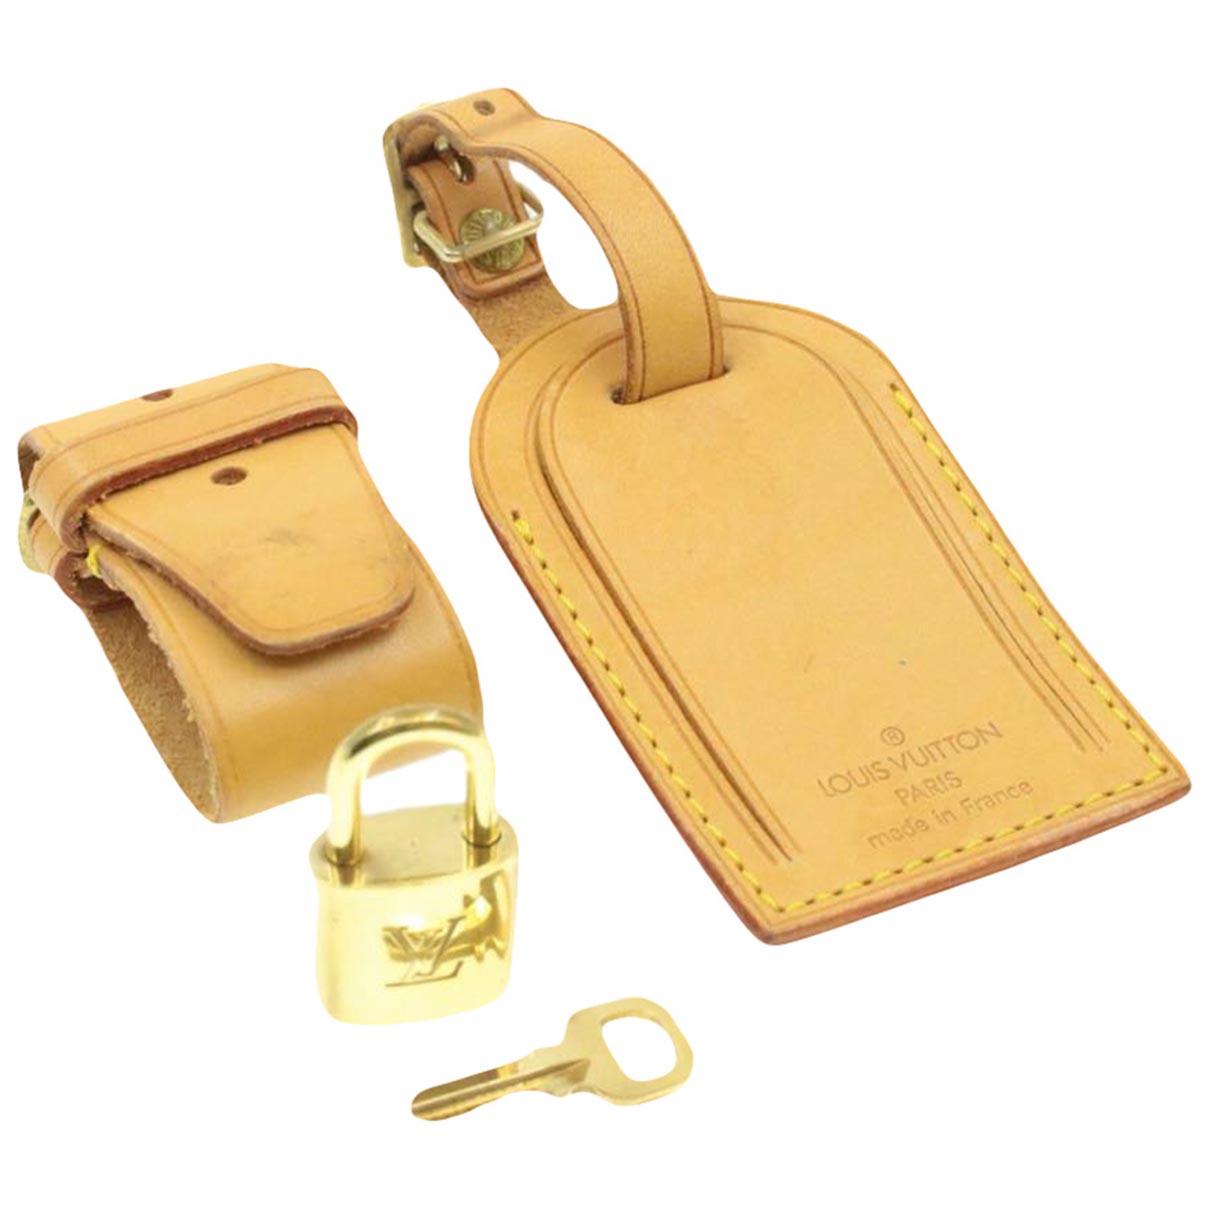 Louis Vuitton \N Taschenschmuck in  Beige Leder